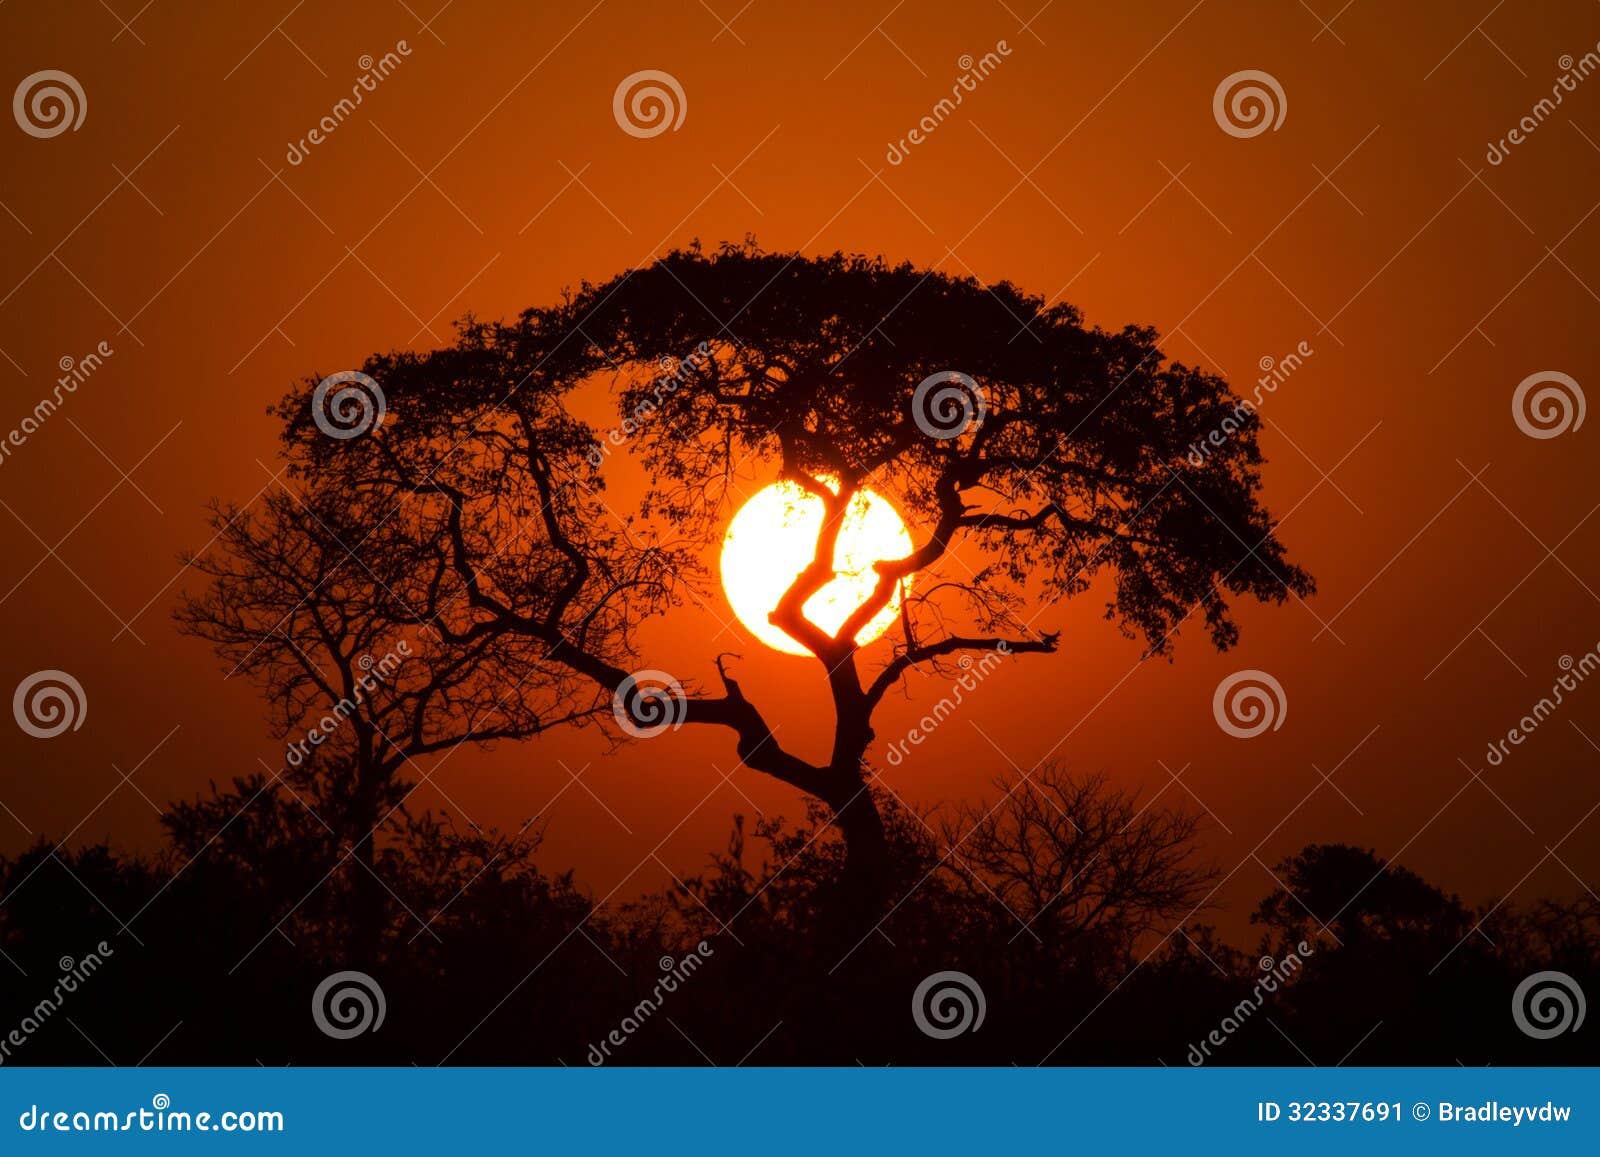 Lion King Sunset Stock Image Image 32337691